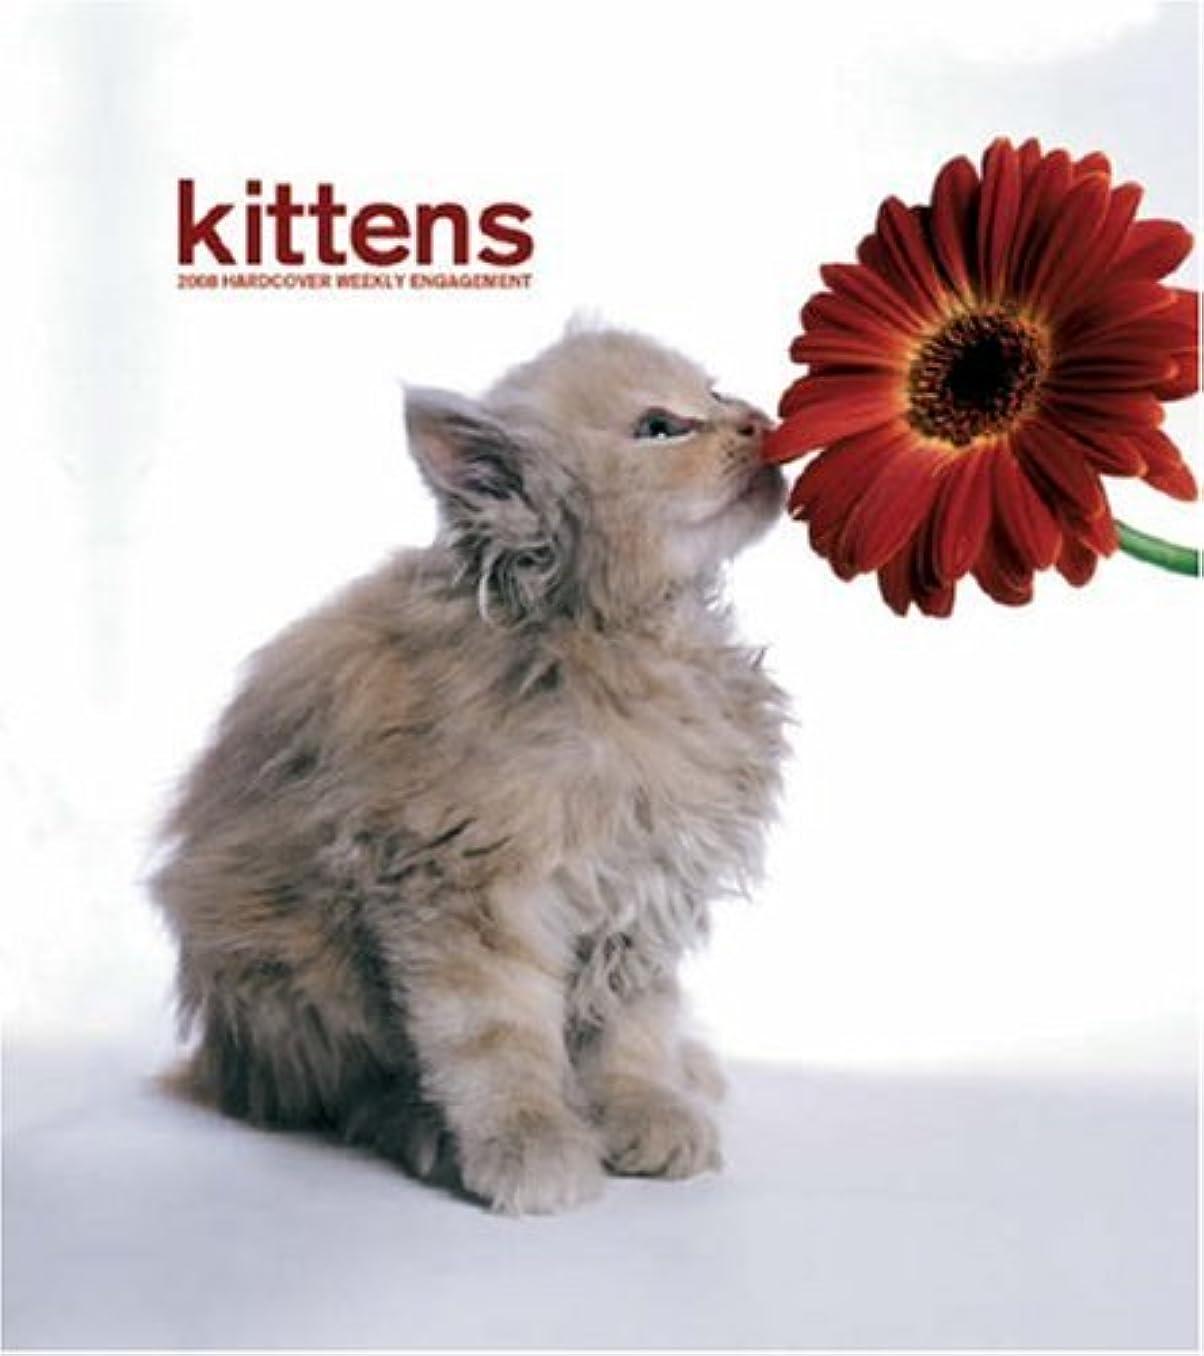 すぐに最大限リーフレットKittens 2008 Hardcover Weekly Engagement: Wkly Eng